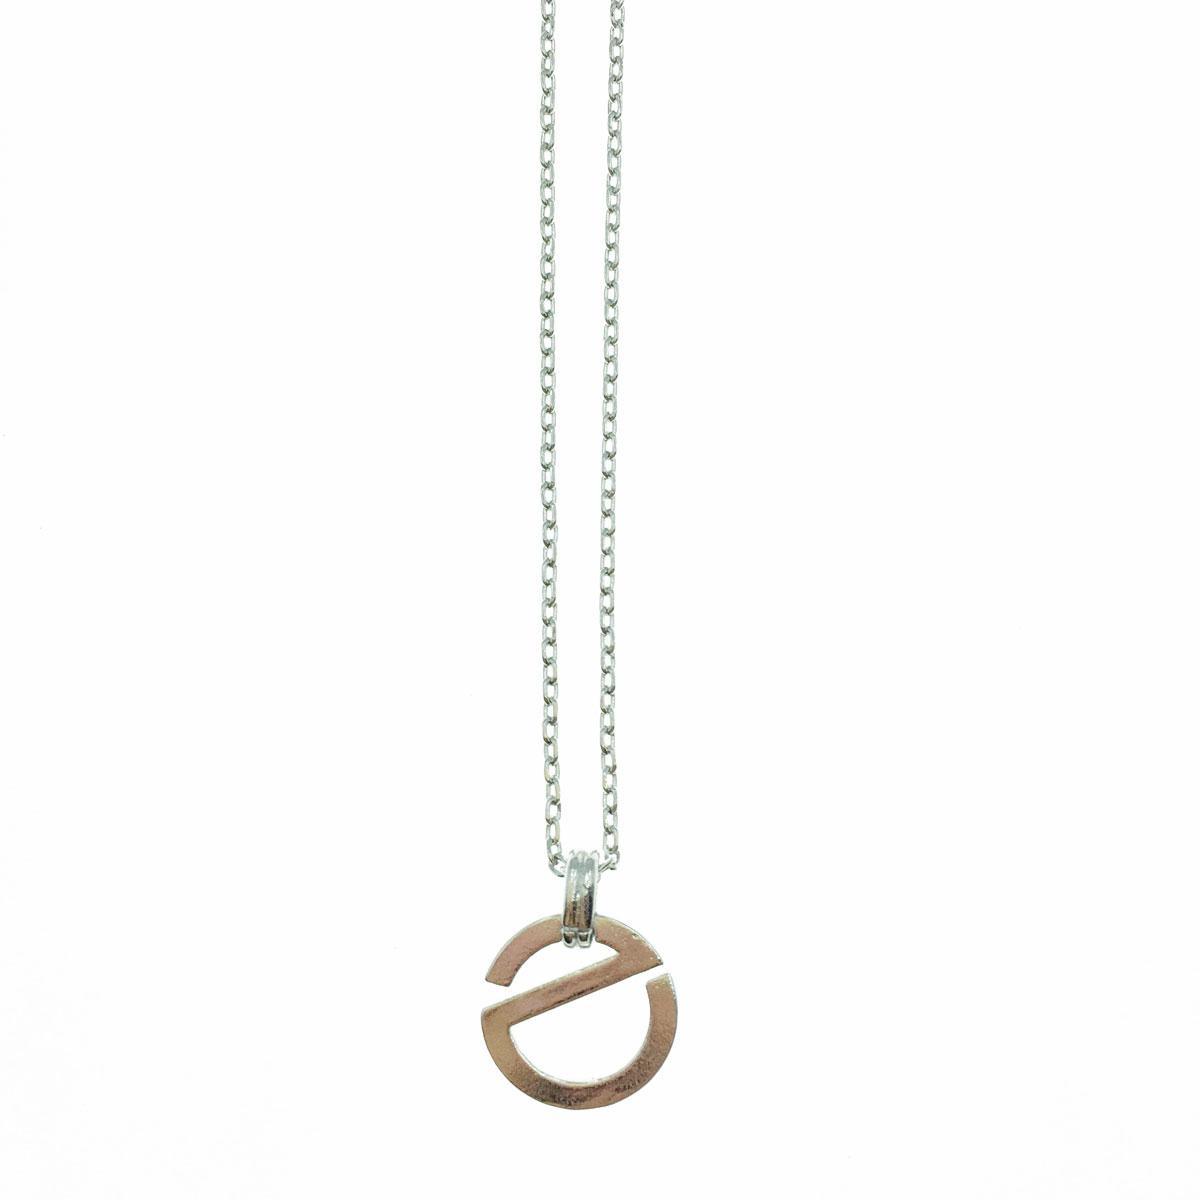 韓國 水鑽 造型 銀色 明星款飾品 短鍊 項鍊